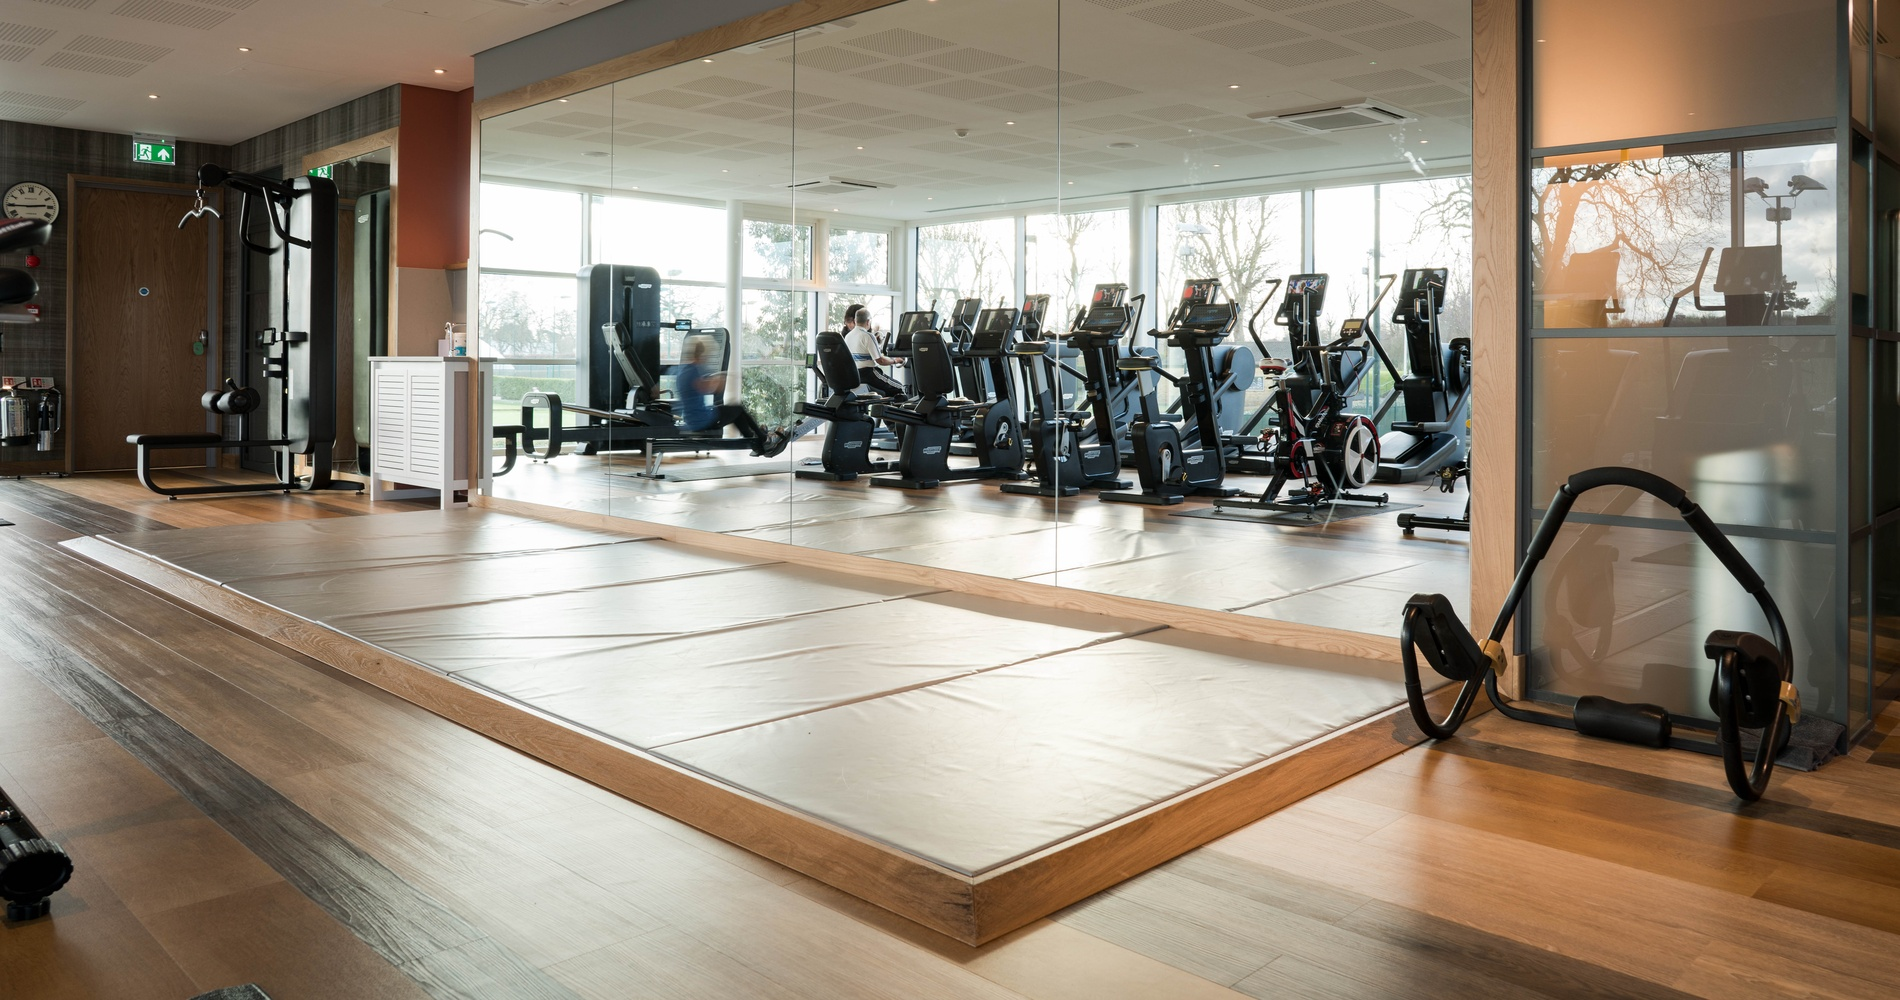 Kandd Indoor Gym Cabinetry set up